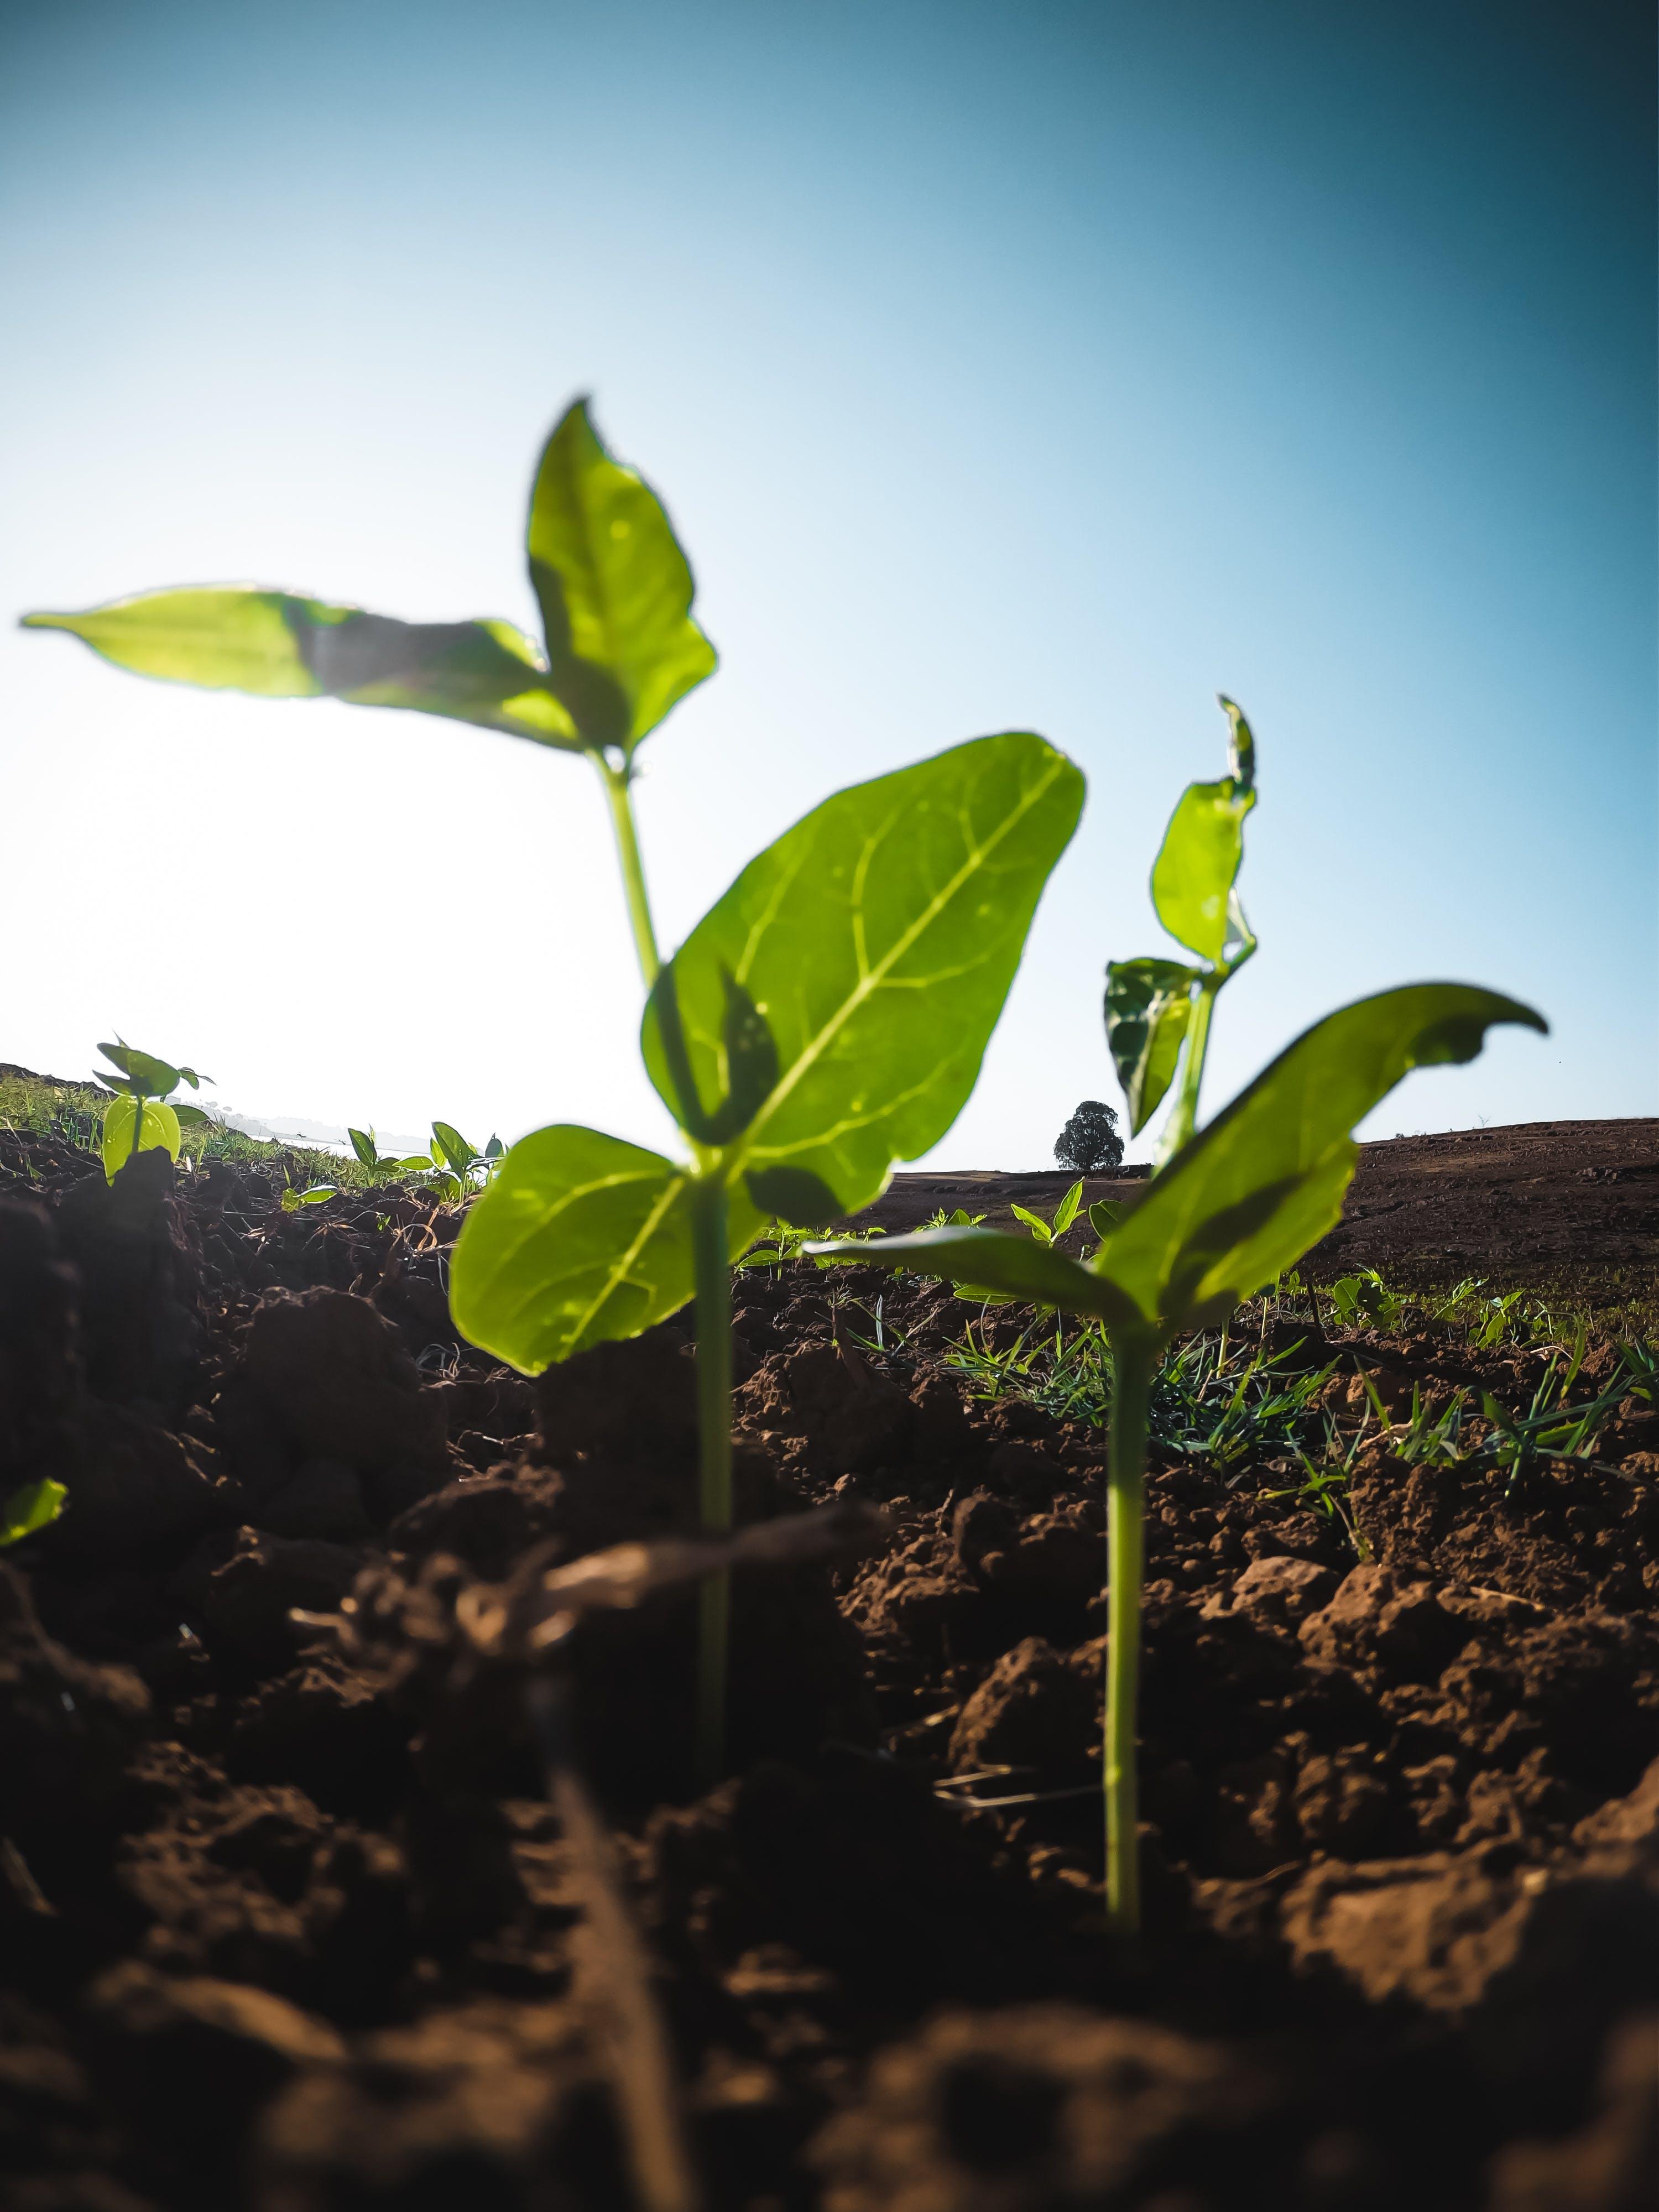 Foto d'estoc gratuïta de agricultura, brot, créixer, fulles